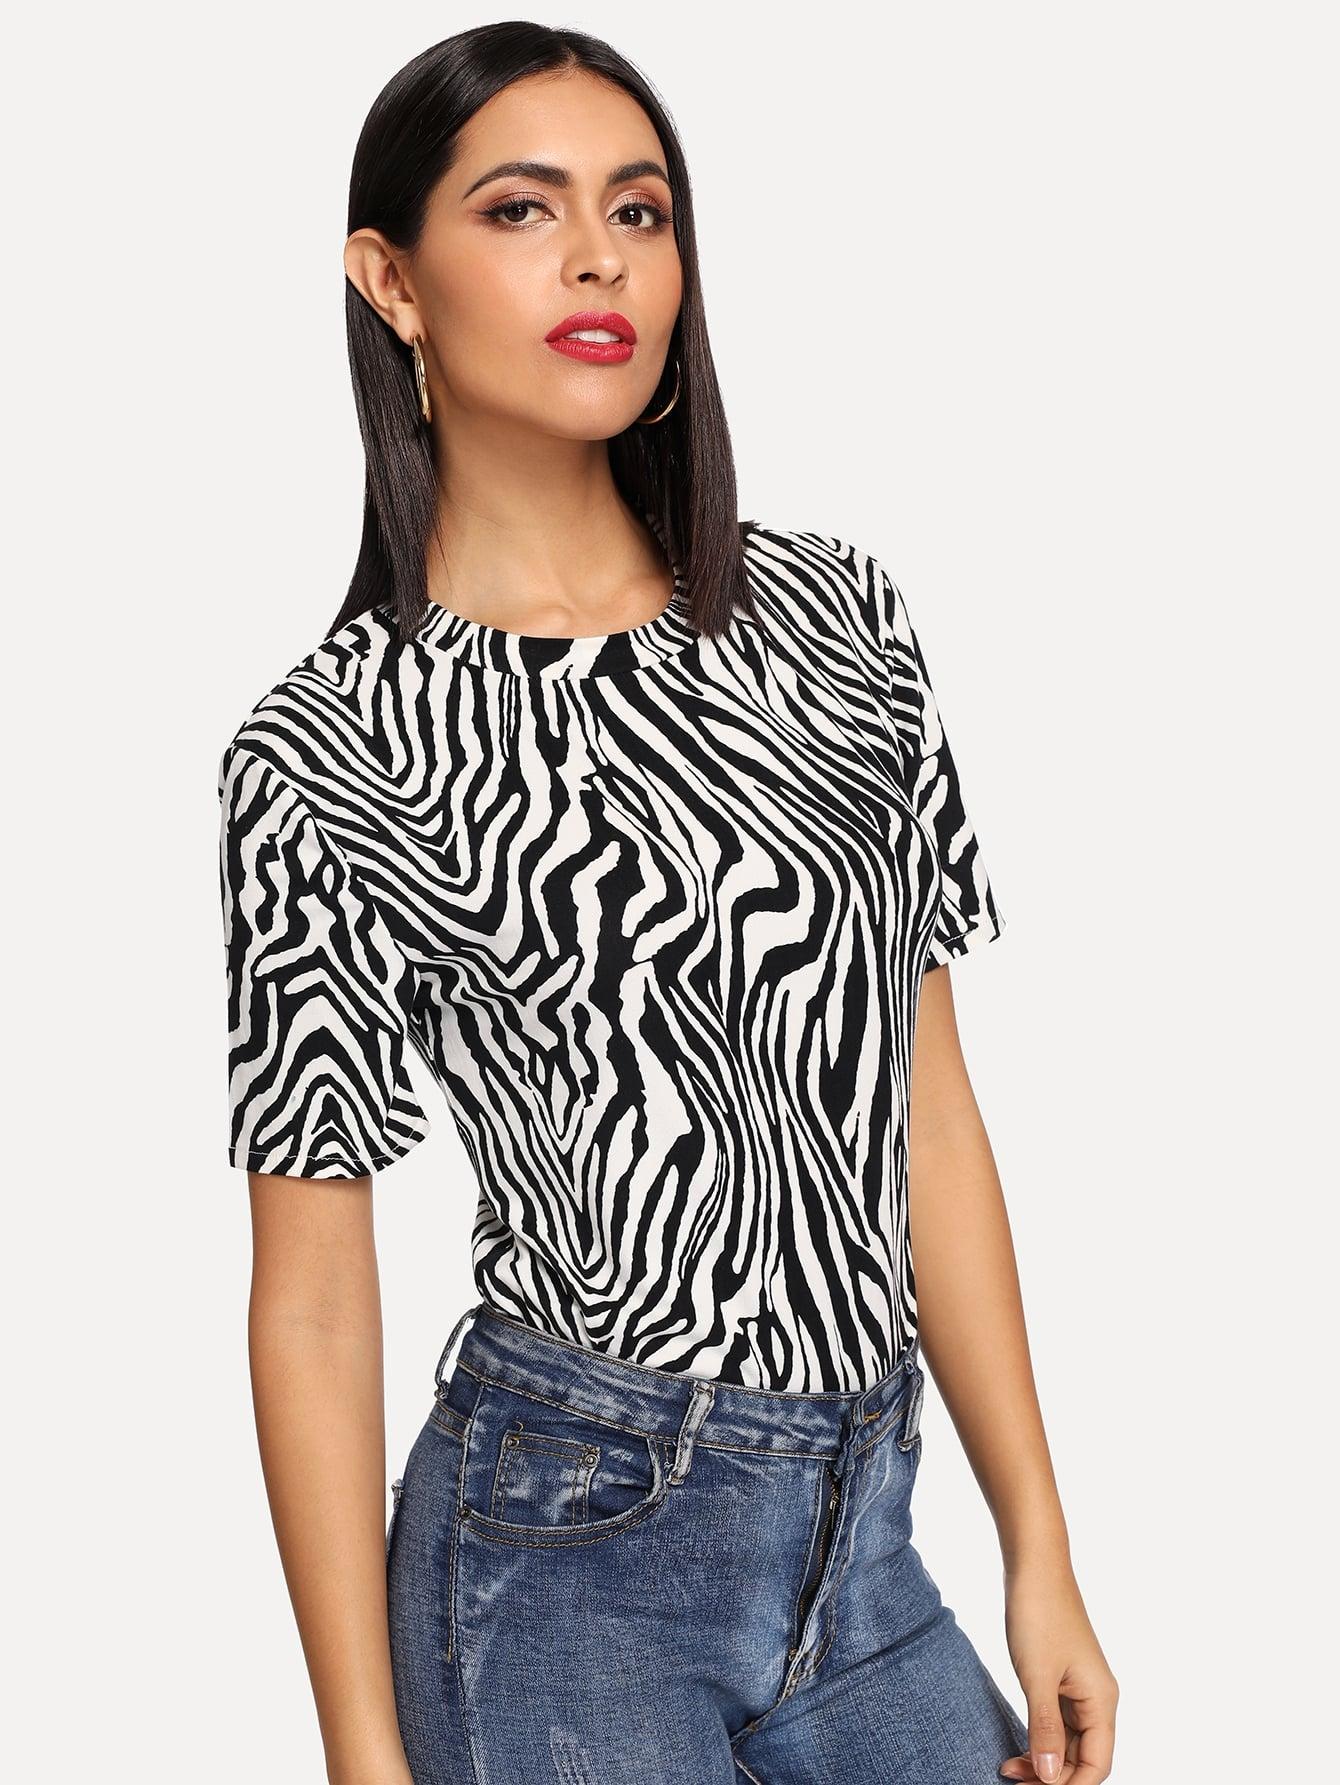 Zebra Print Tee Zebra Print Tee